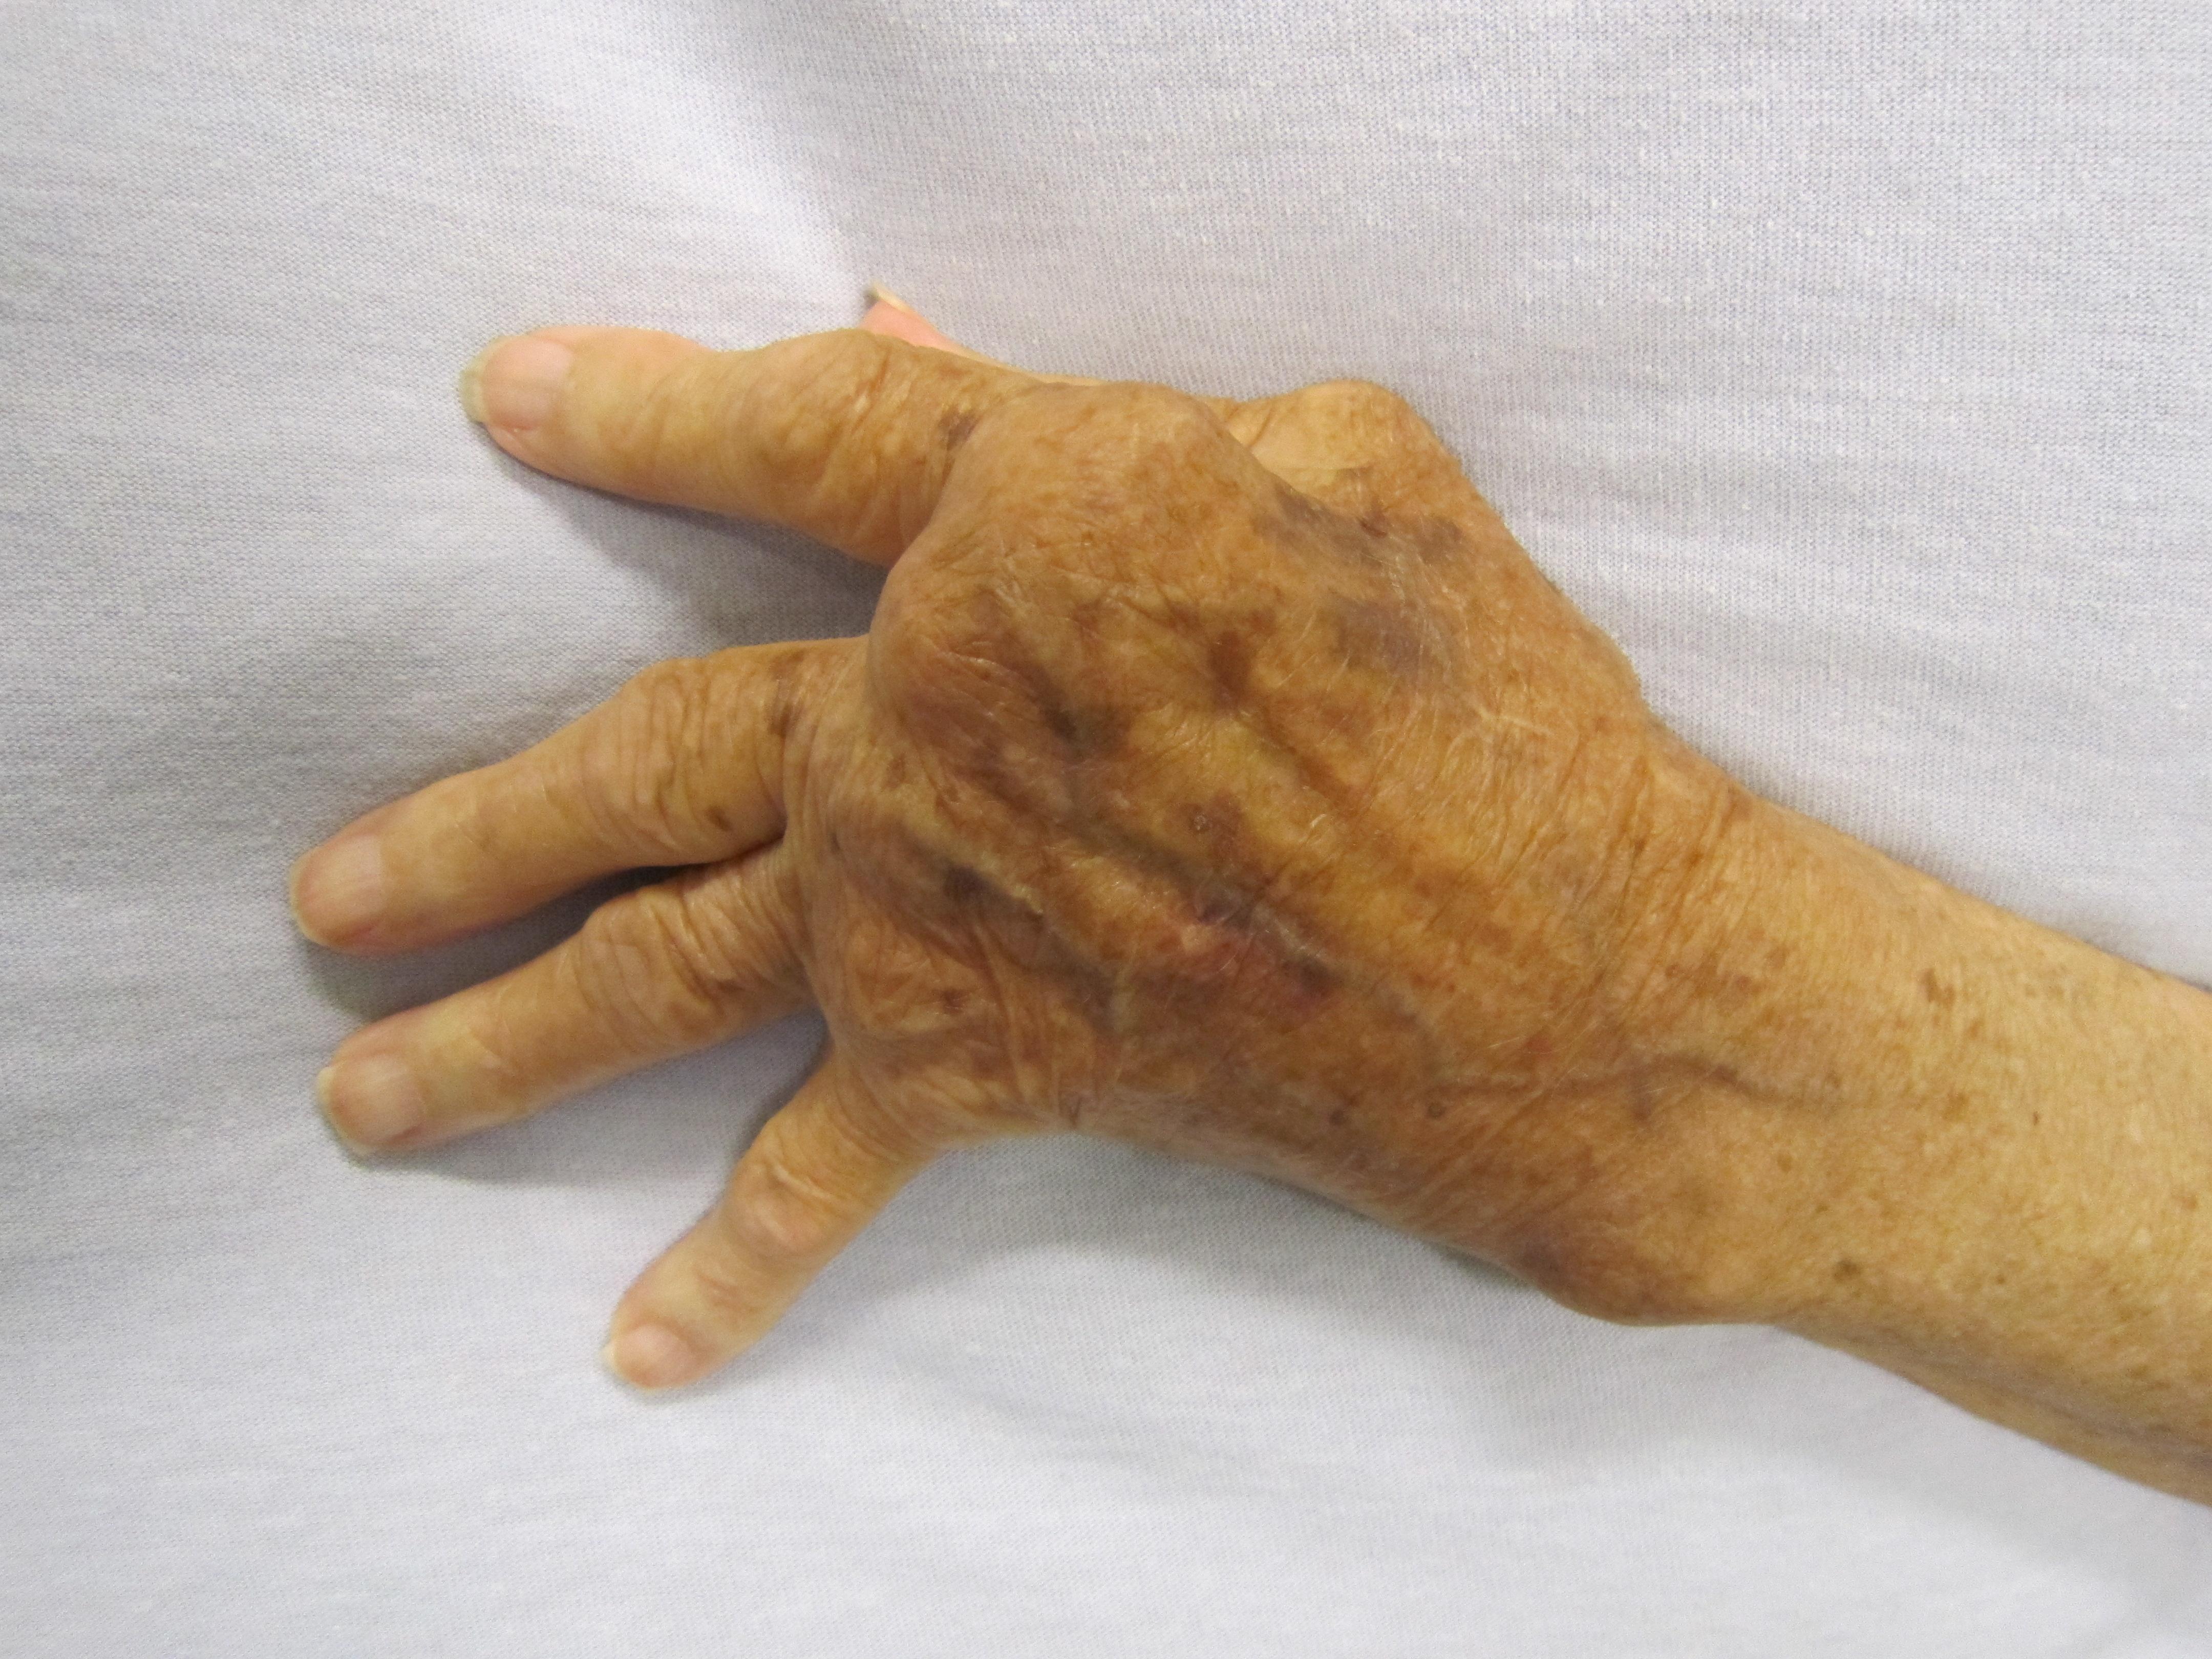 fáj a kéz kis ujjainak ízületei ha az ízület fáj a csípõt